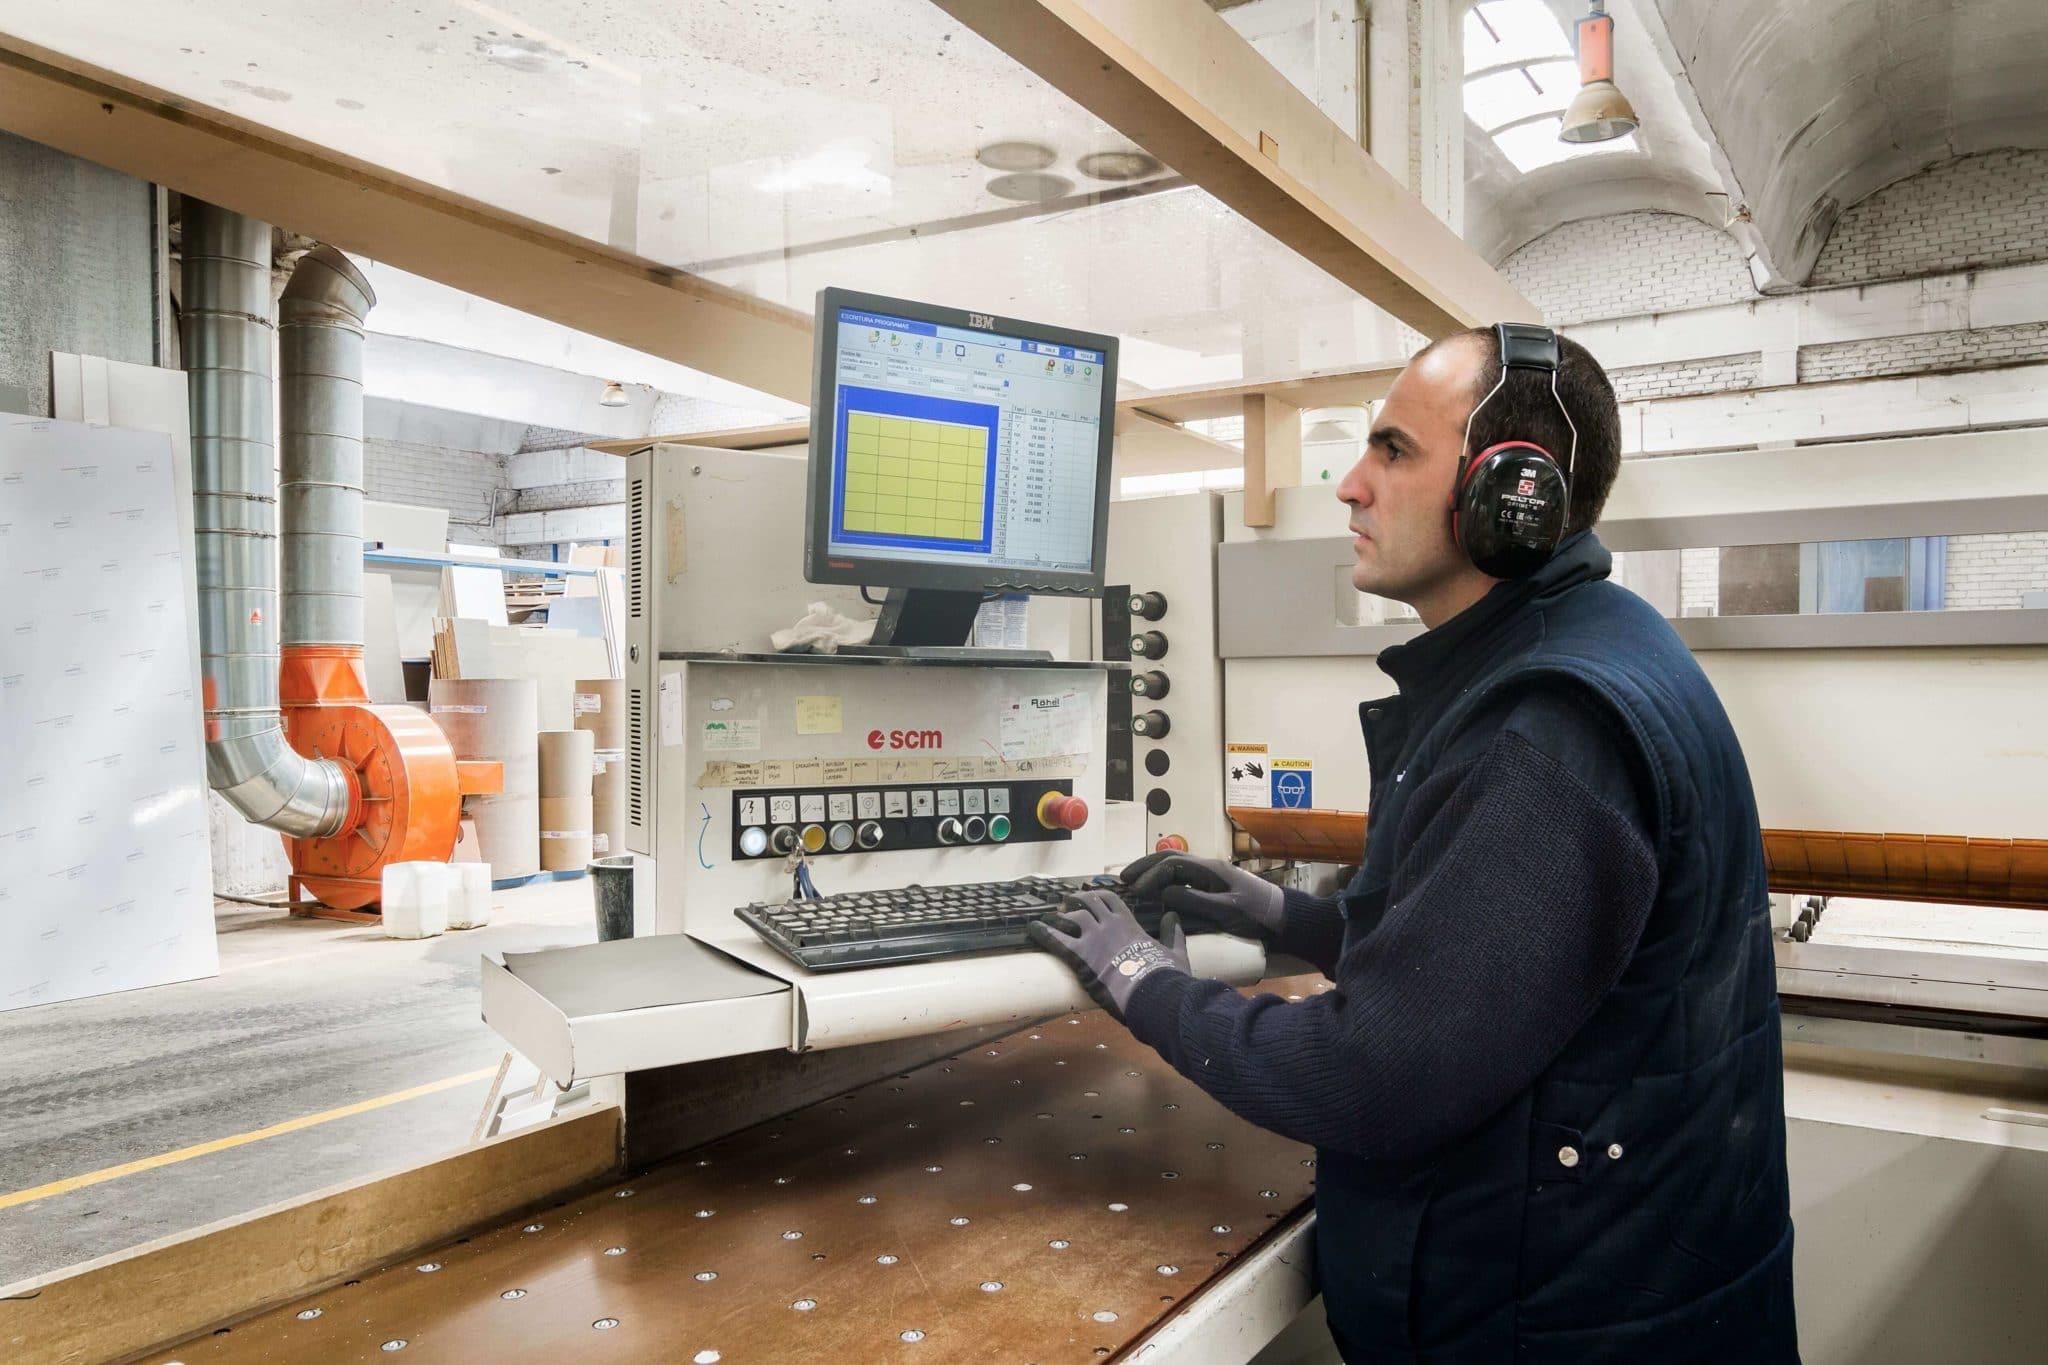 Trabajadores en fábrica Grupo Coeco - Fábrica de muebles de cocina